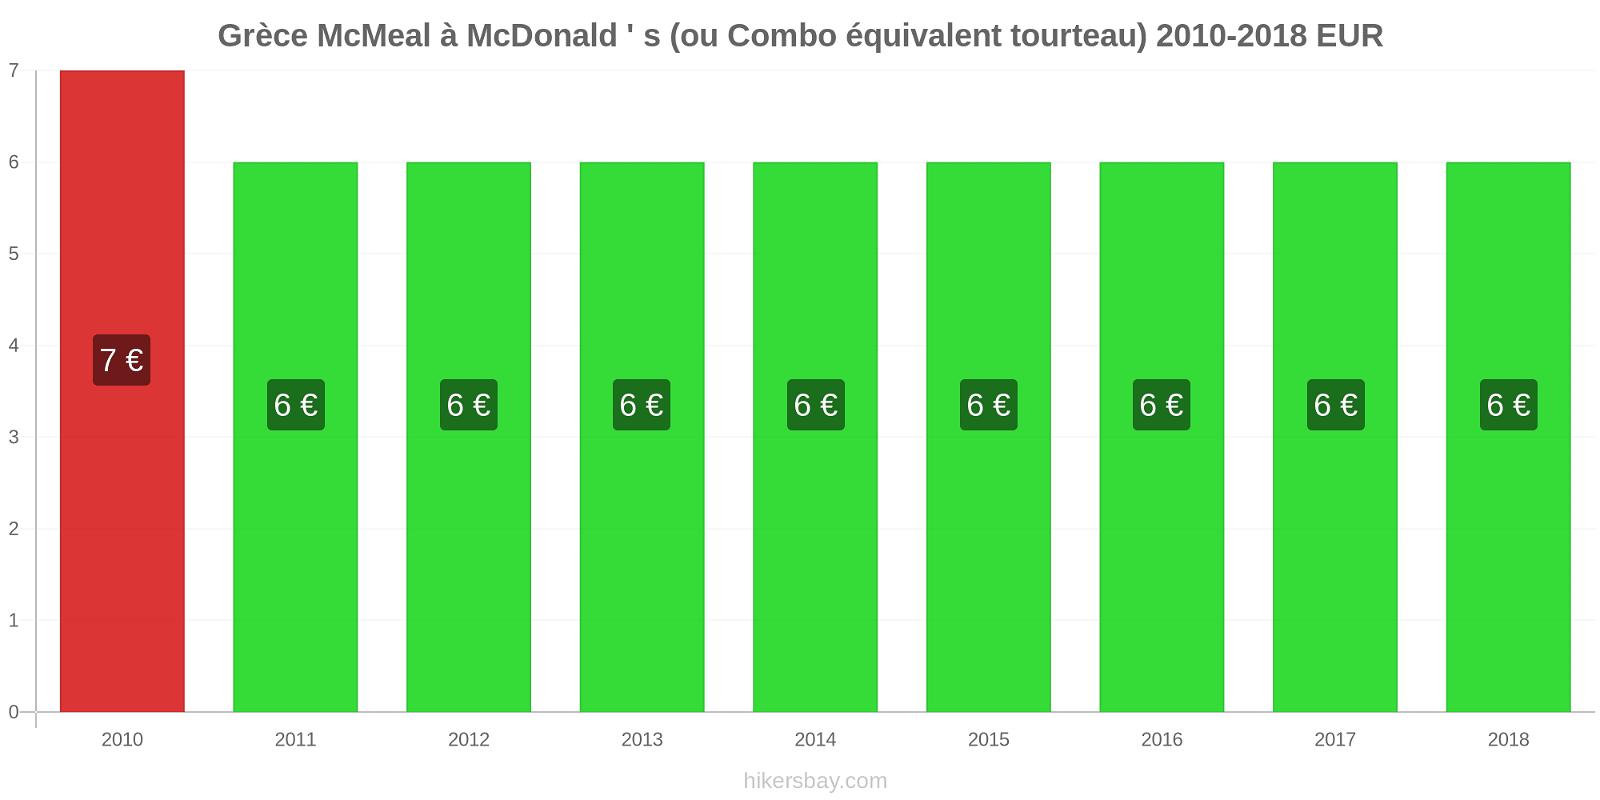 Grèce changements de prix McMeal à McDonald ' s (ou Combo équivalent tourteau) hikersbay.com